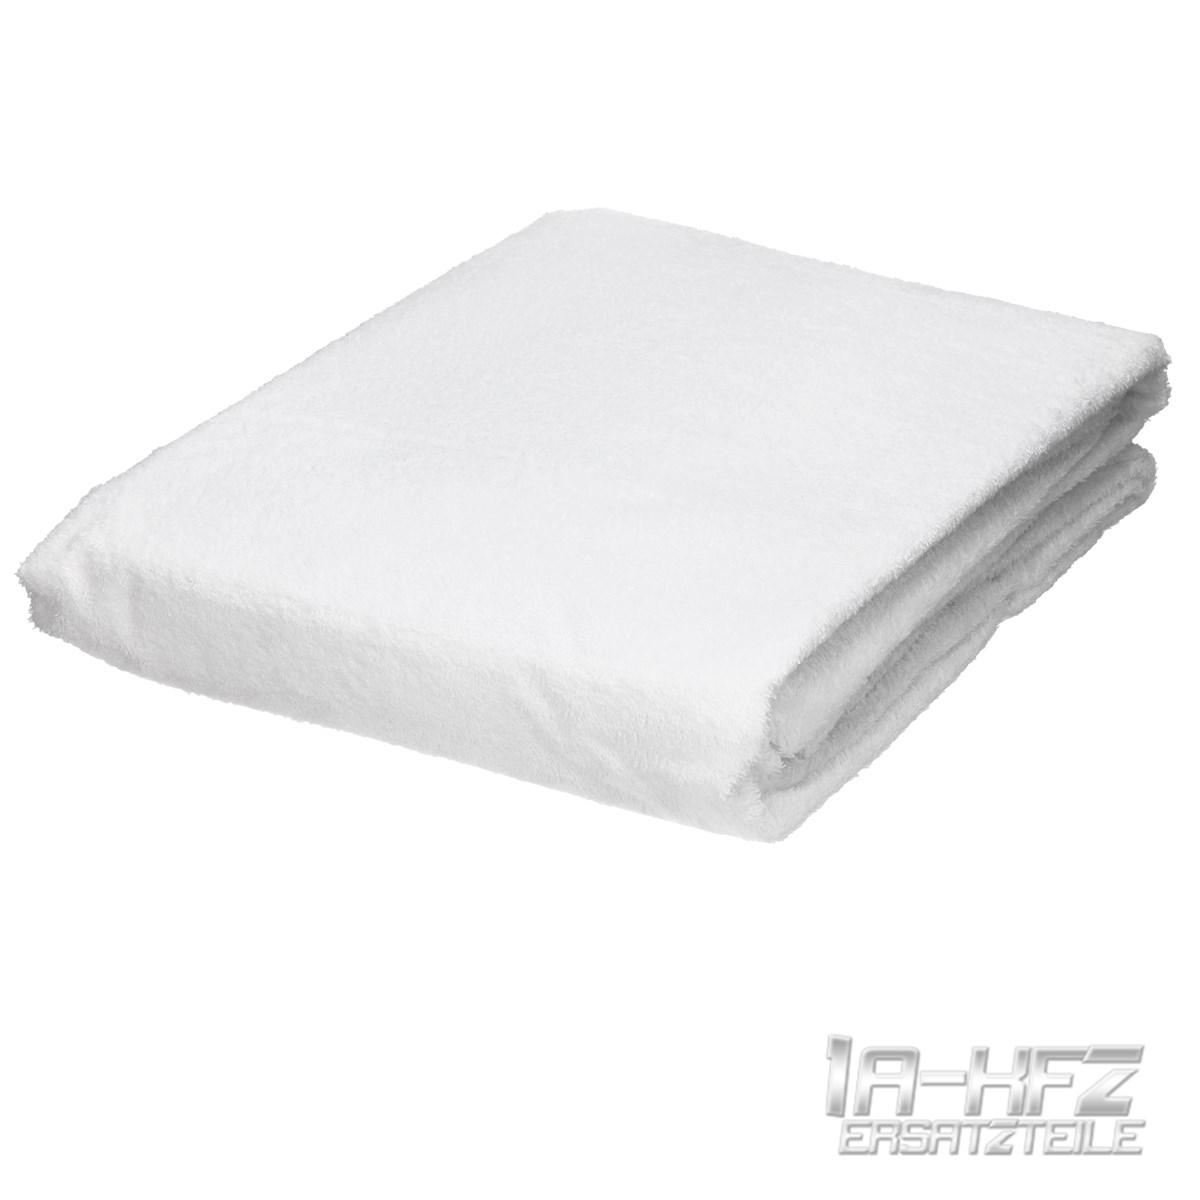 housses prot ges de matelas imperm able respirant lavable en machine 100 coton ebay. Black Bedroom Furniture Sets. Home Design Ideas